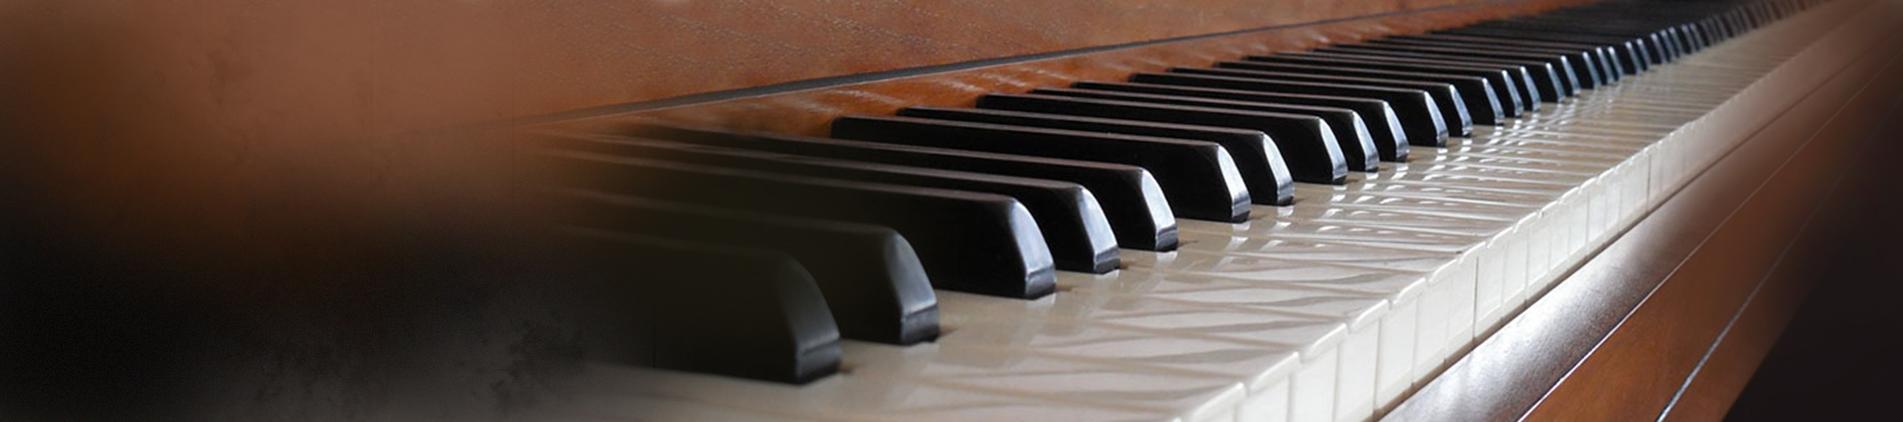 Уроки игры на фортепиано. Московский Колледж Импровизационной Музыки